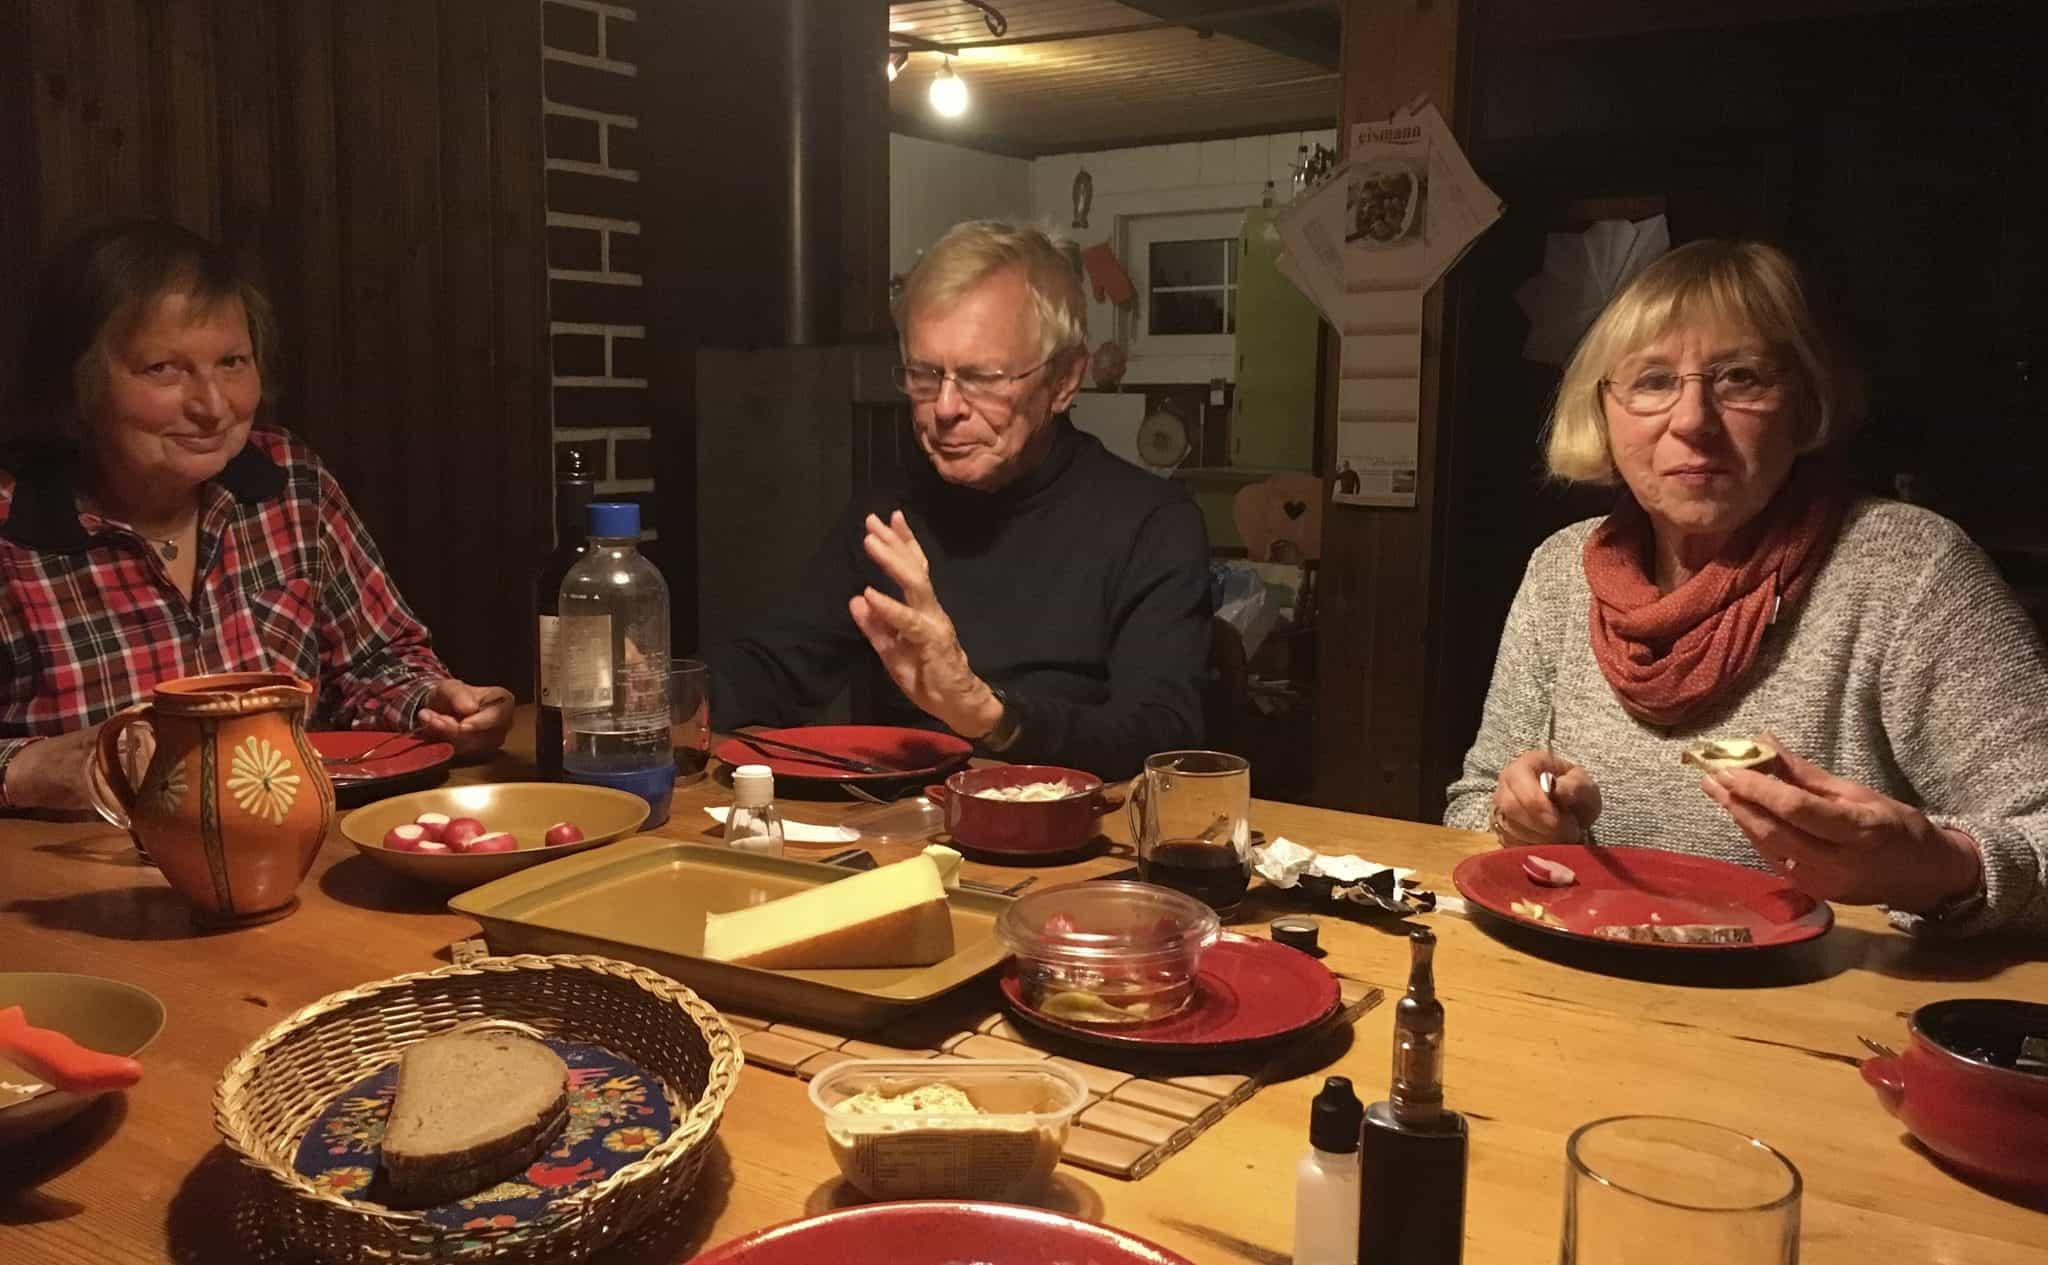 Rosa und Werner Zschau, Irene Wührl-Petry